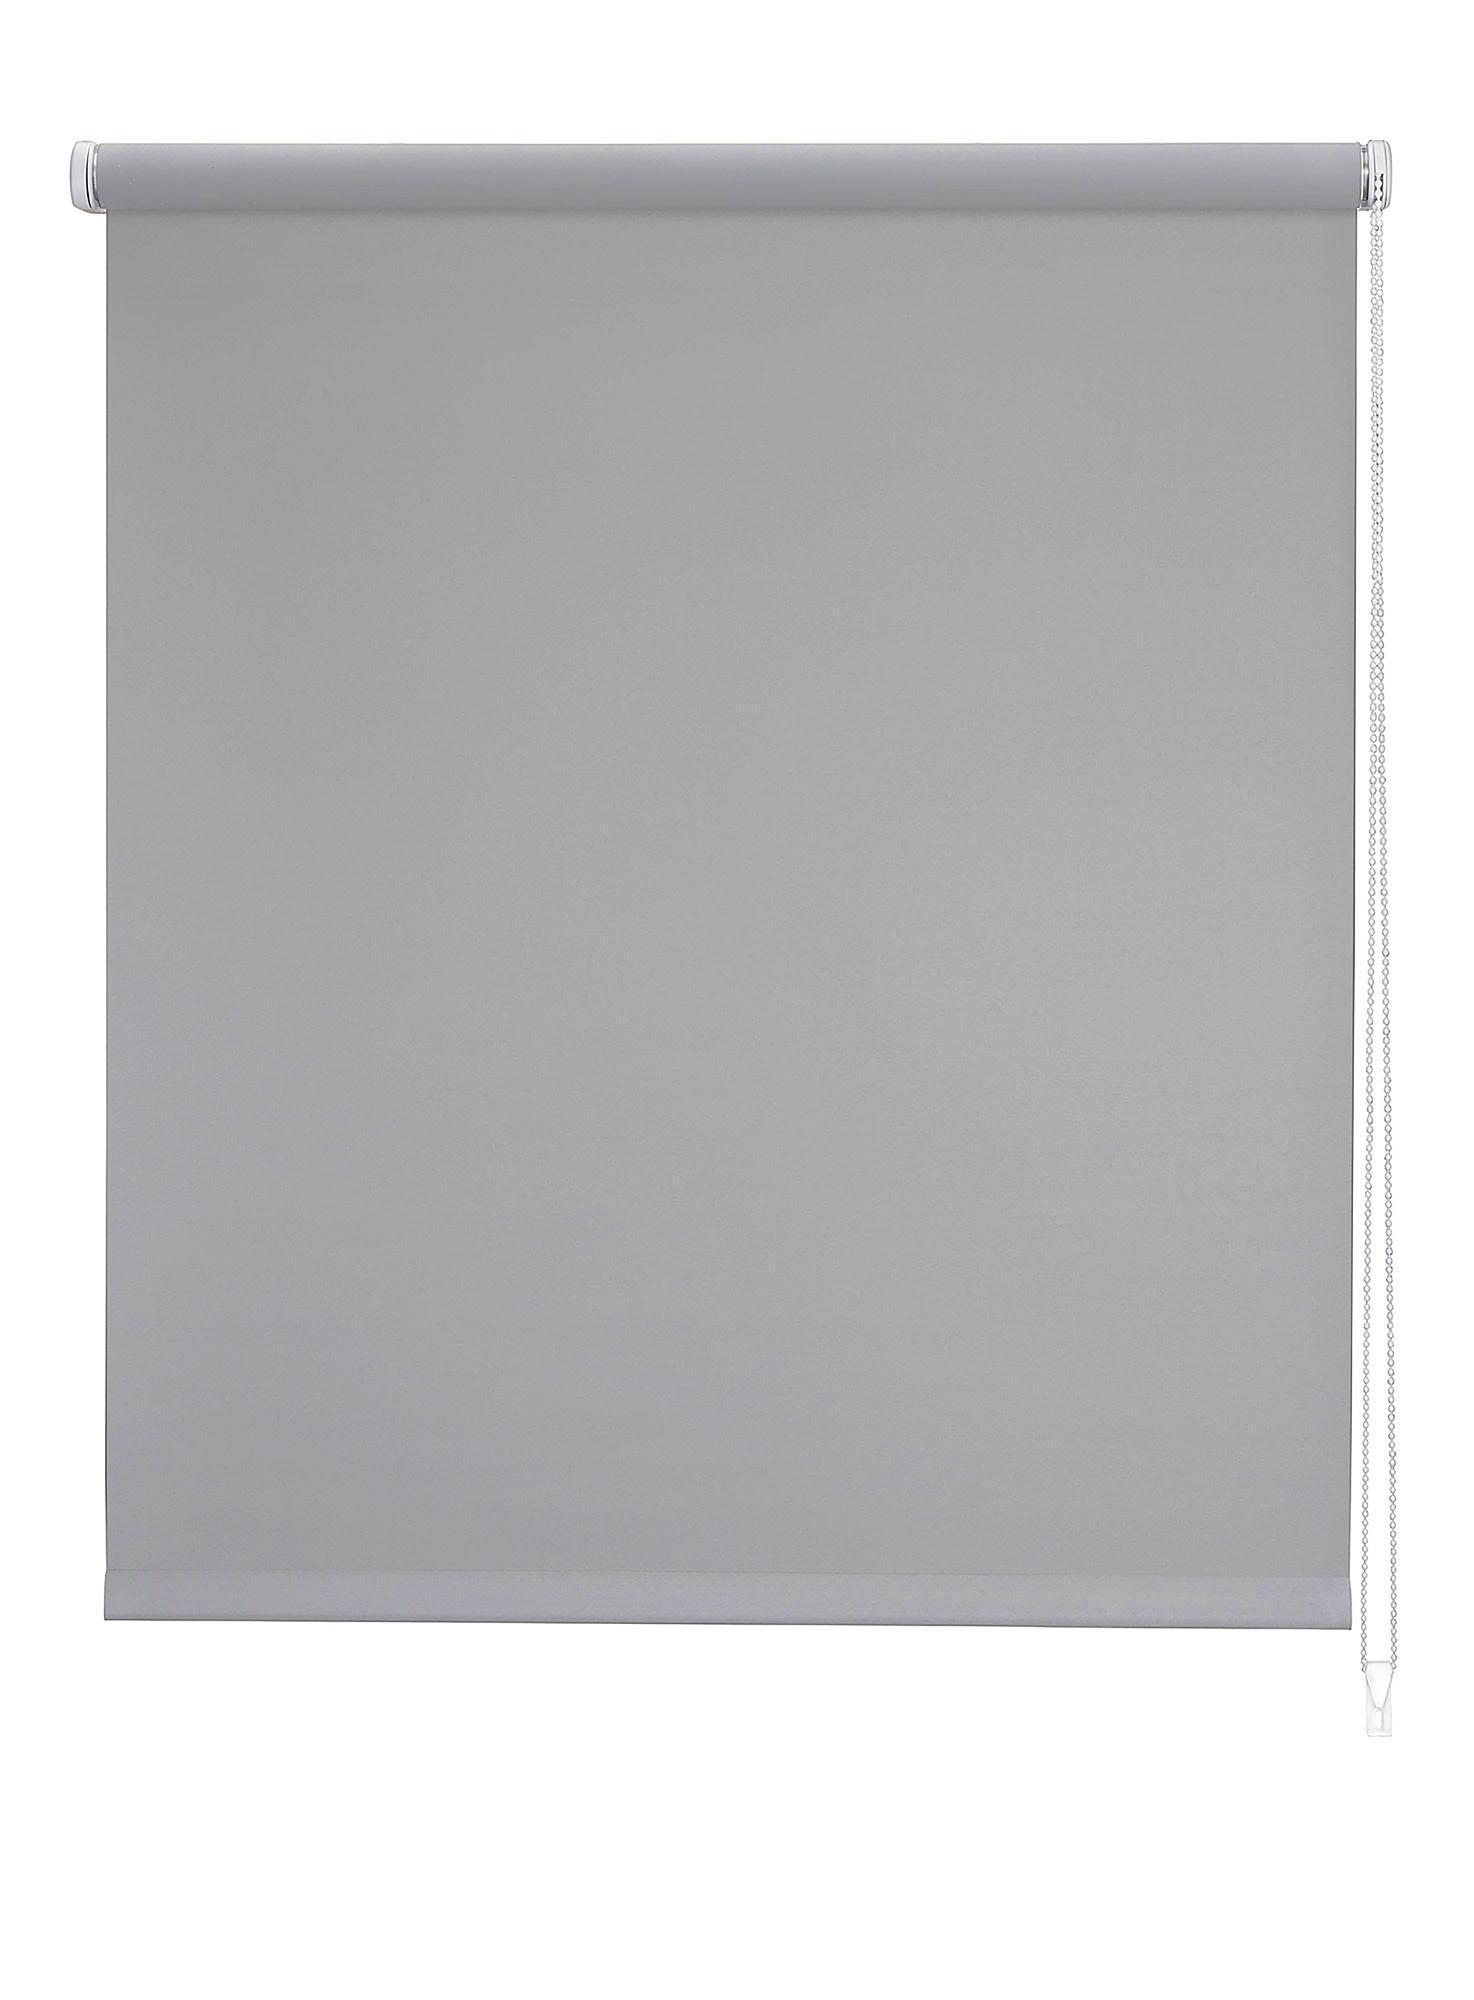 Store enrouleur Translucide - Gris - 135 x 250 cm